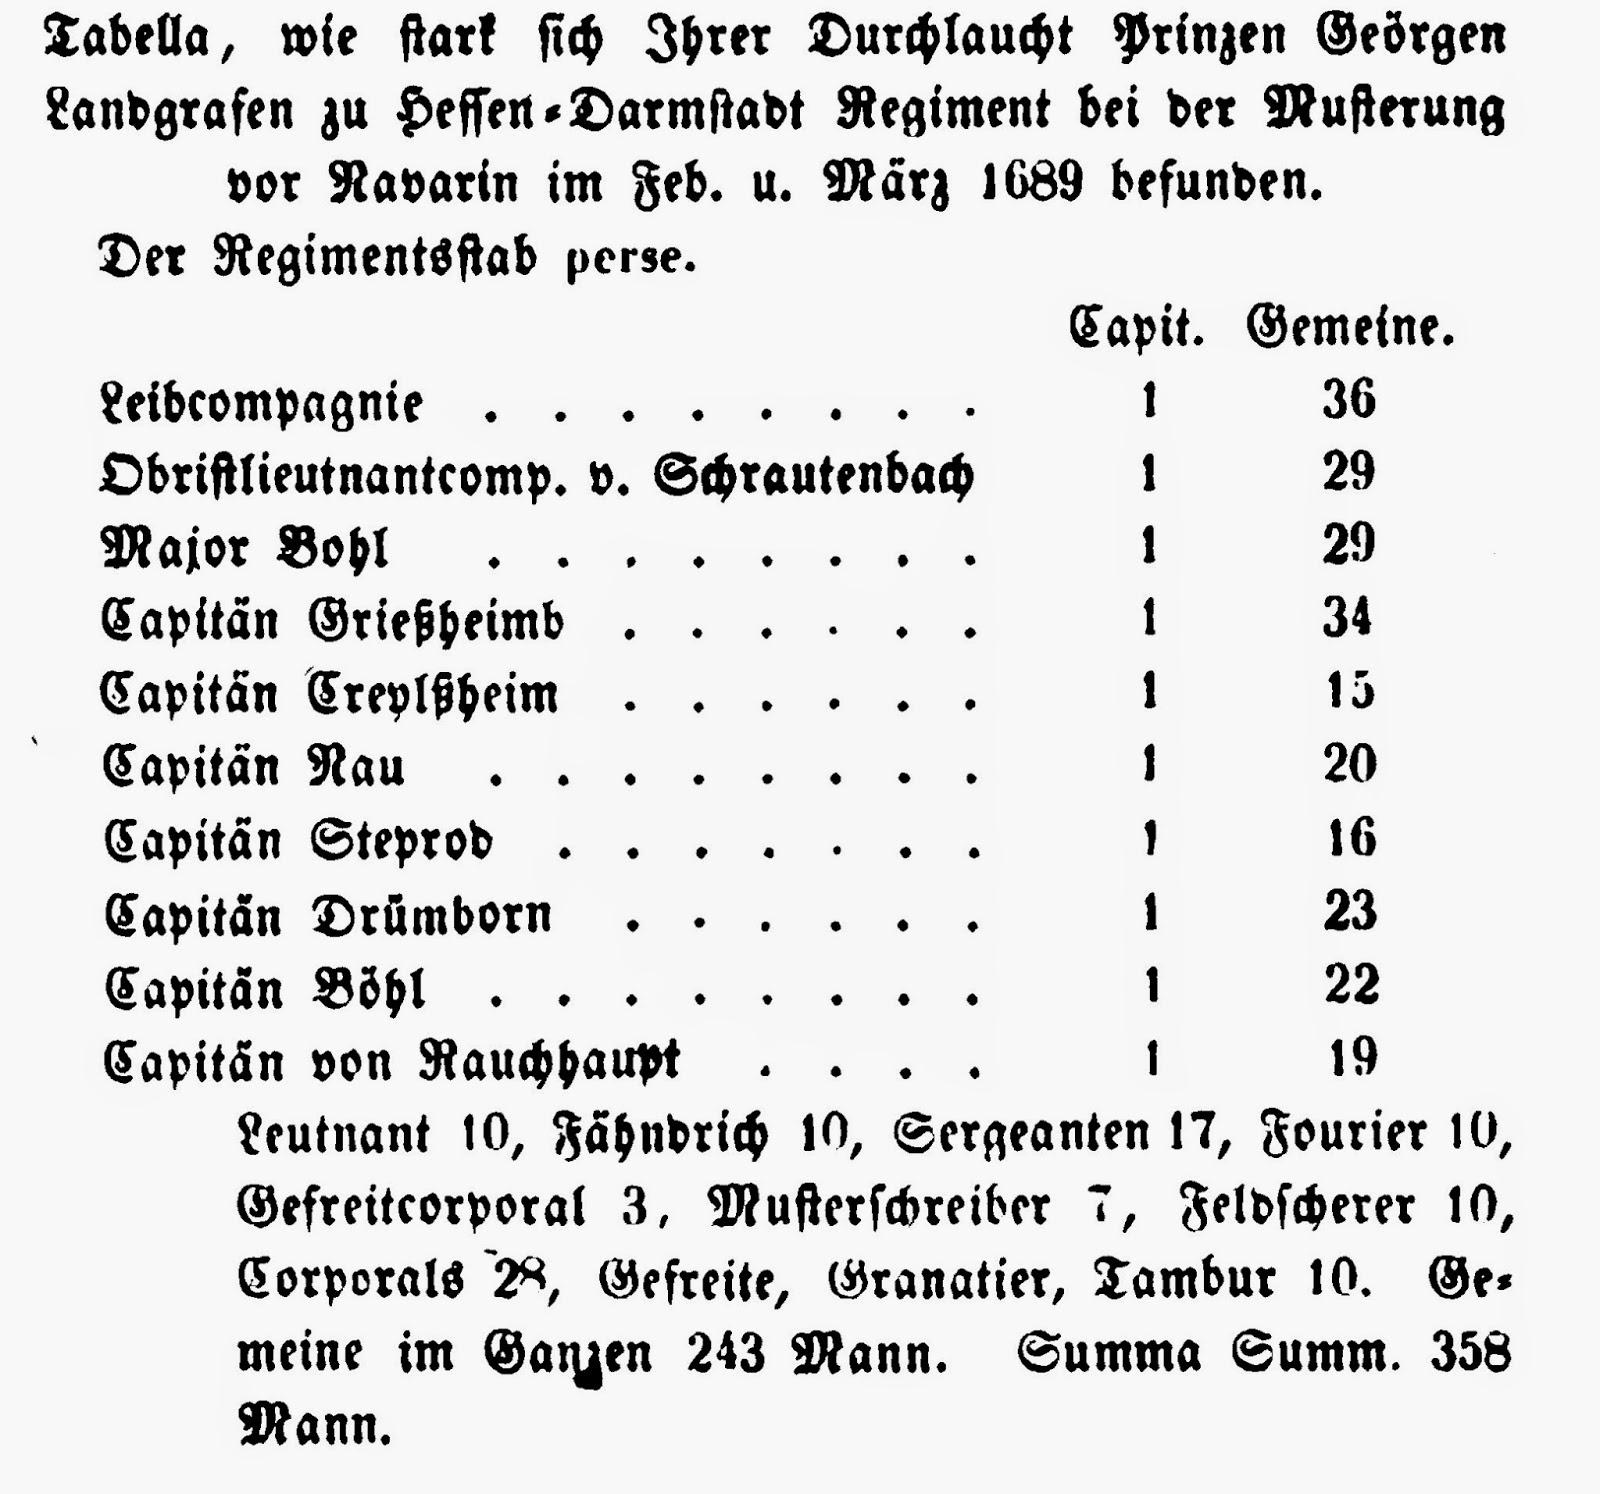 Oderint Dum Probent Hessen Darmstadt Regiment On Venetian